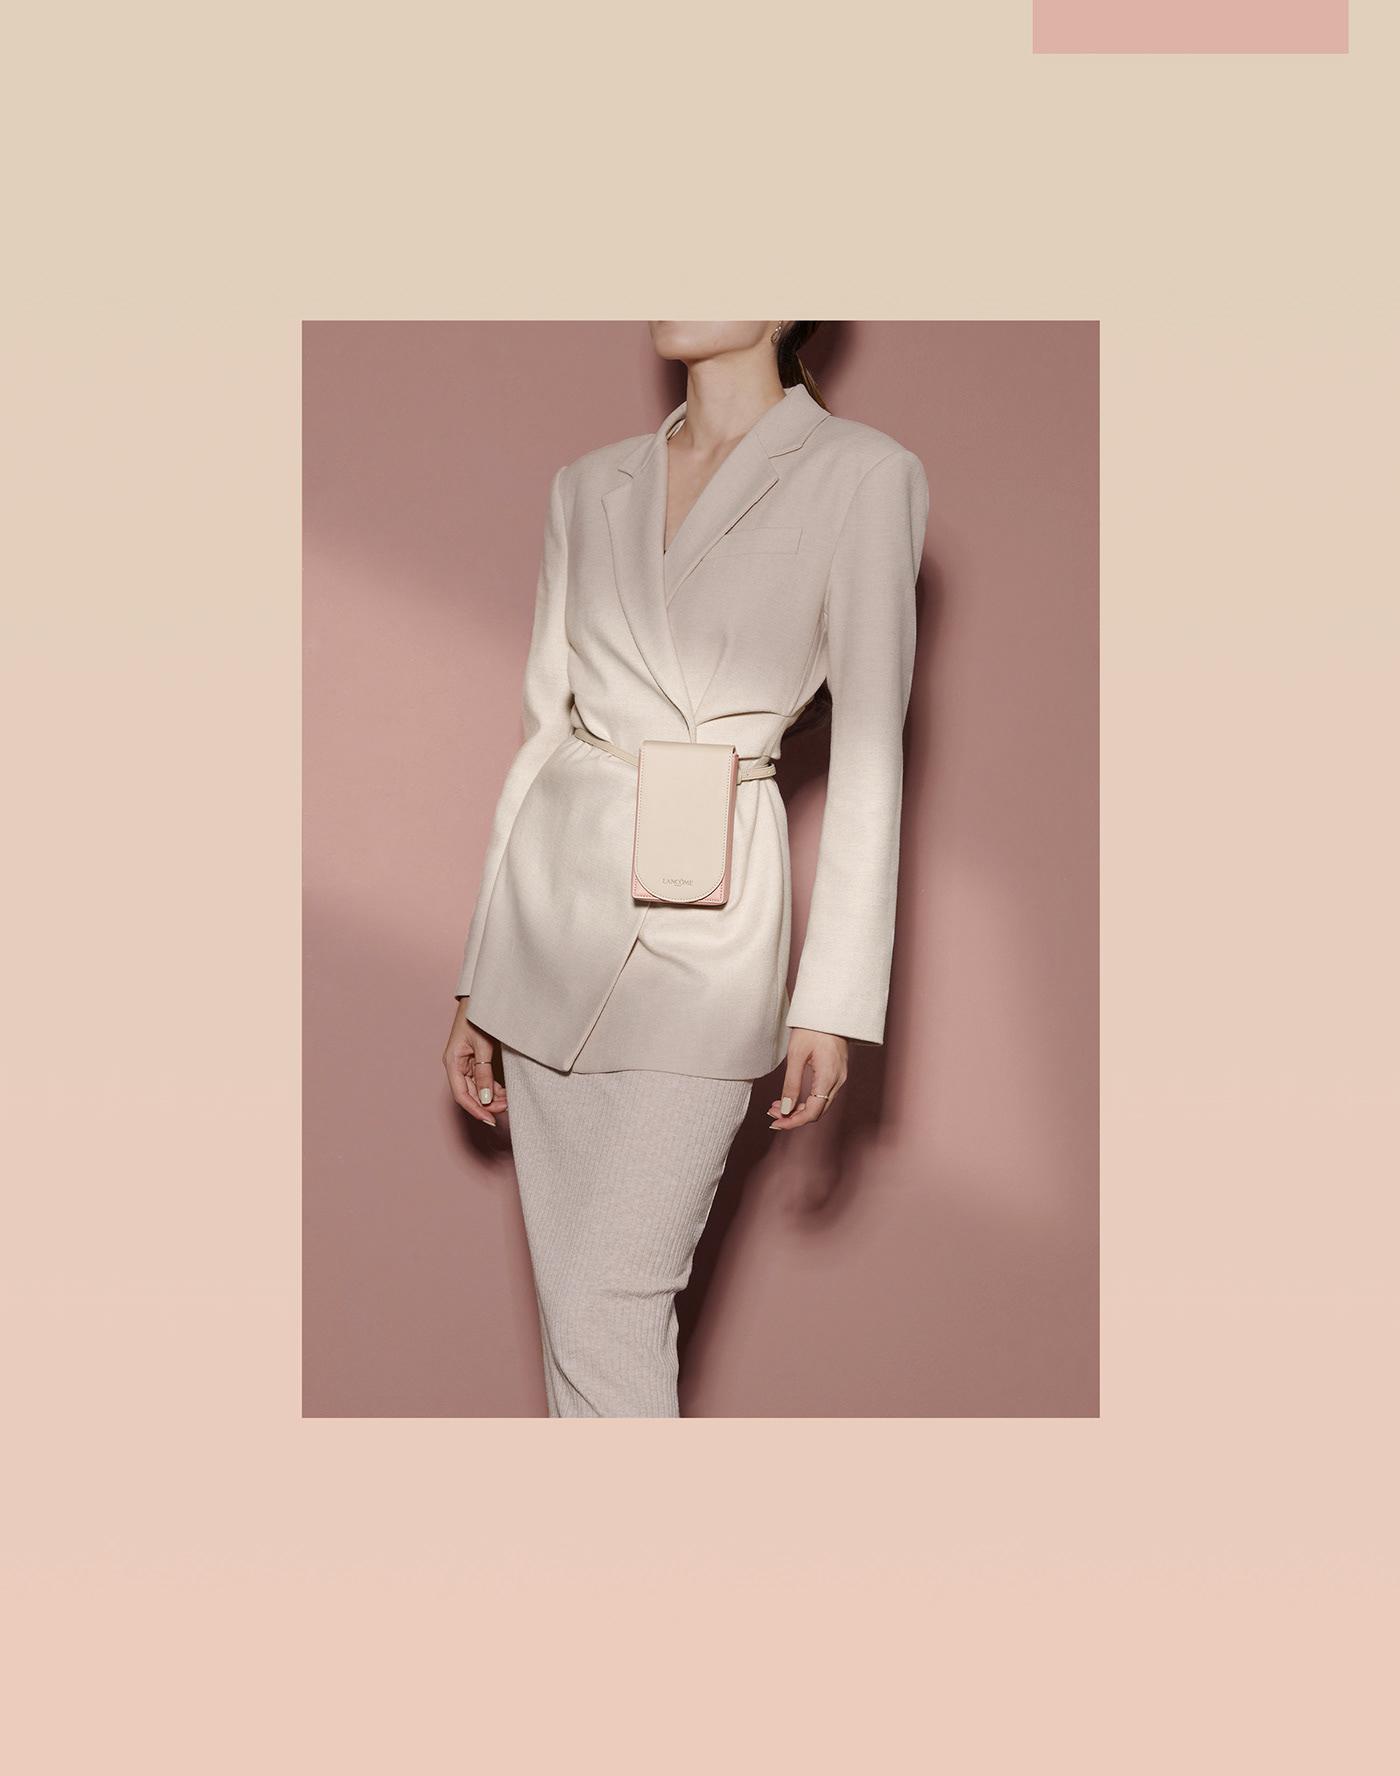 Image may contain: coat, dress and handbag